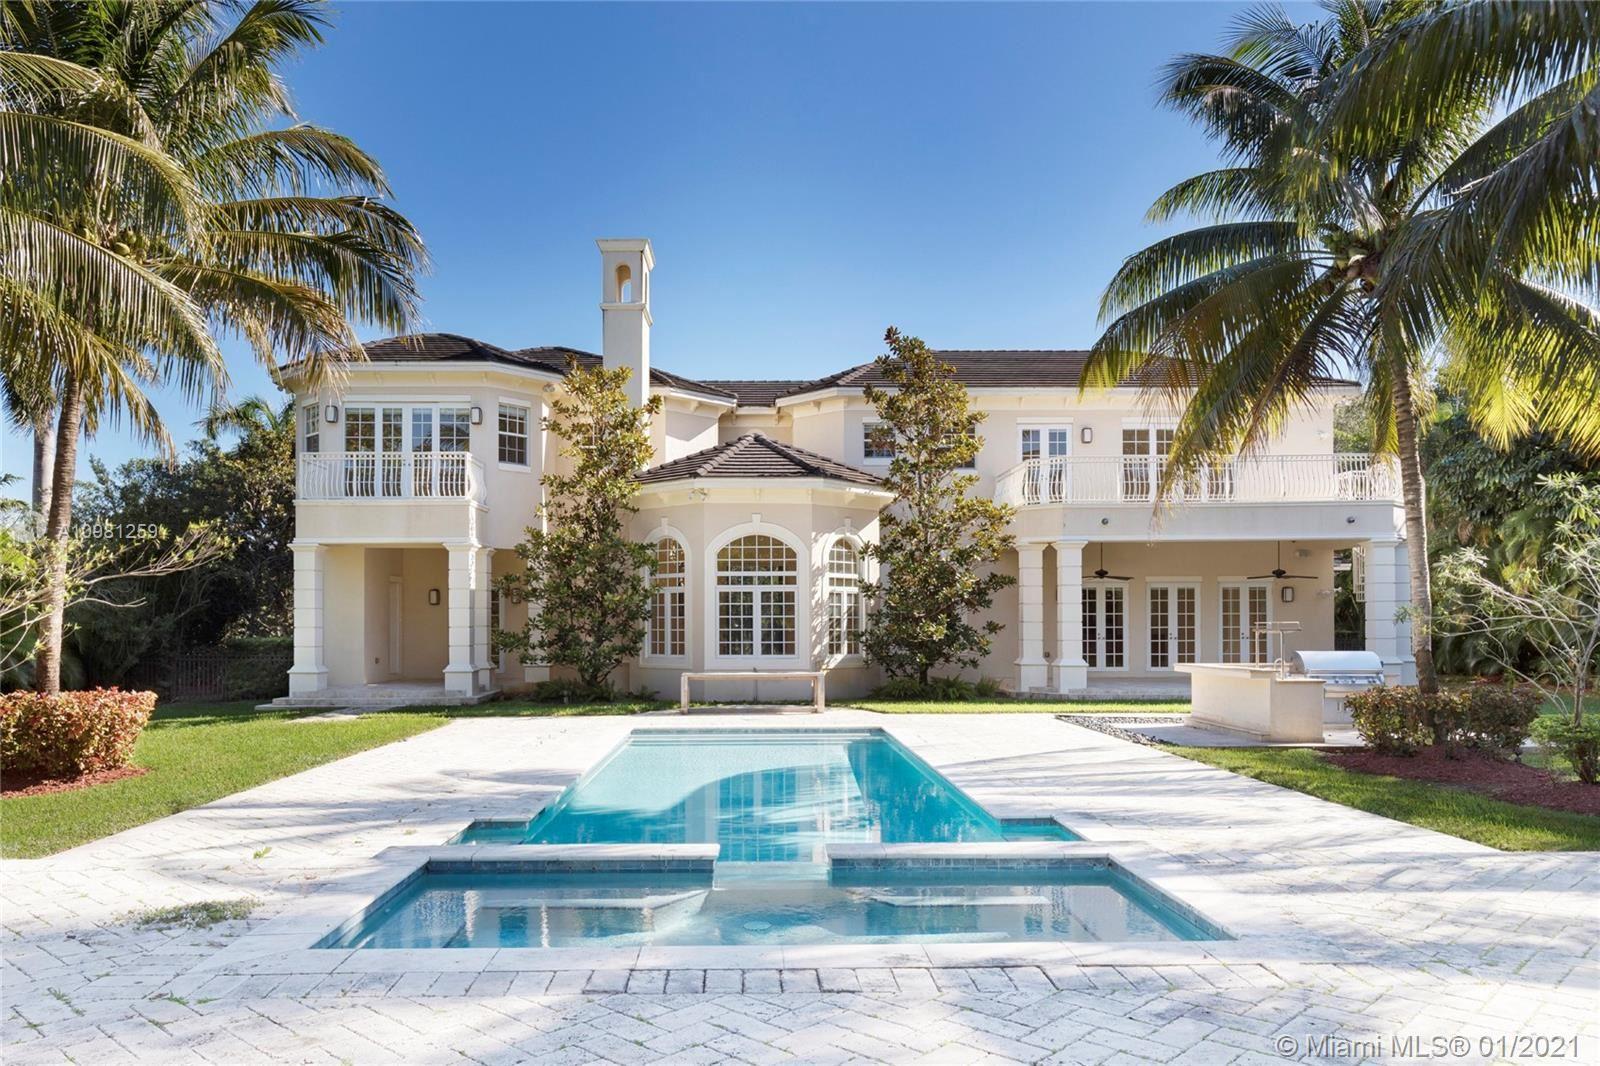 8700 SW 96th St, Miami, FL 33176 - #: A10981259